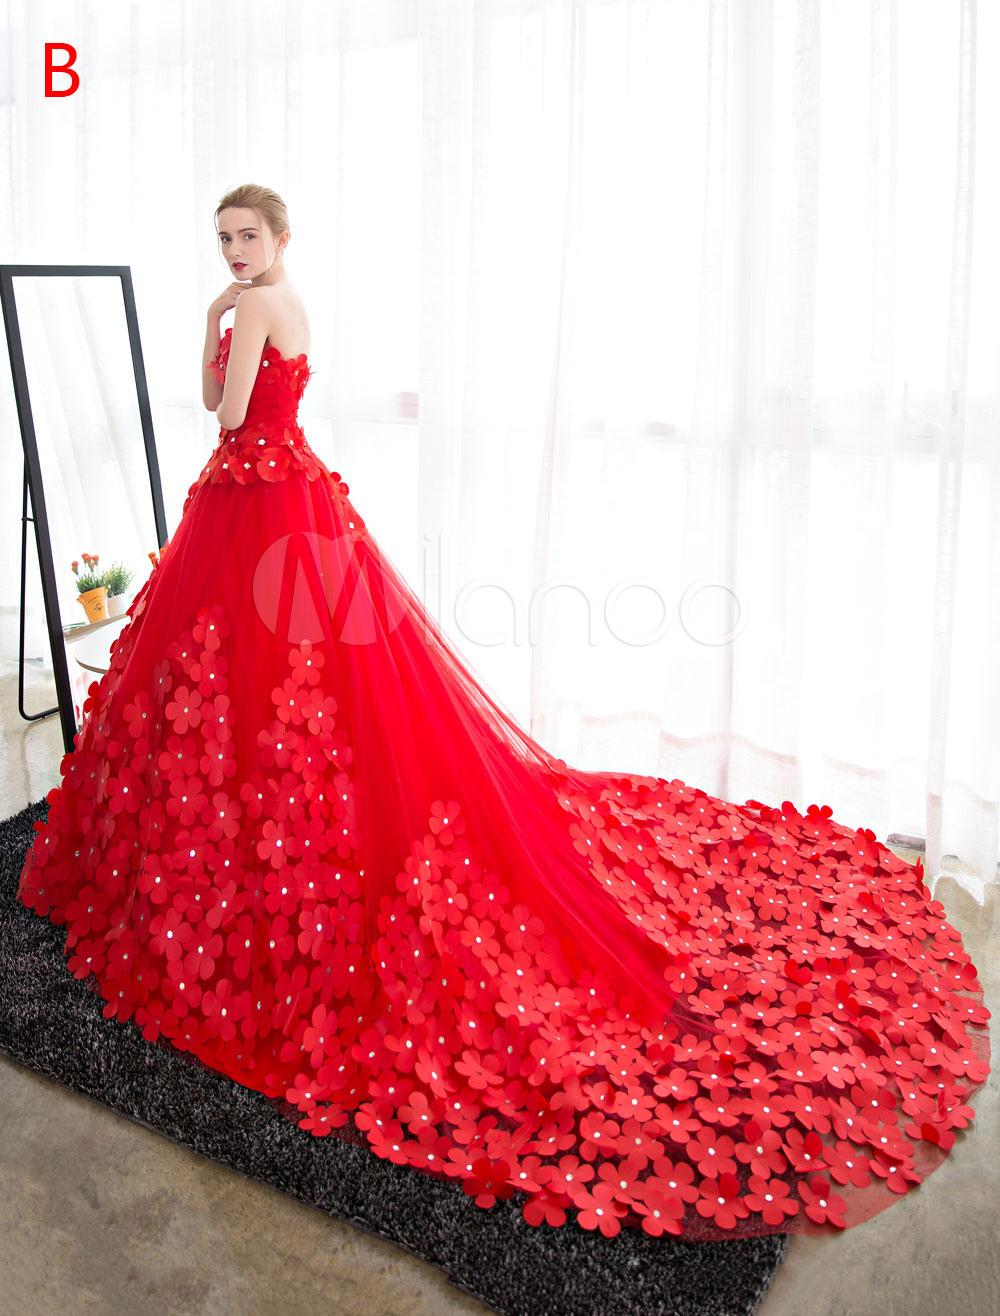 Robe De Mariee Princesse Bustier En Tulle Robe De Mariee Strass Perles Fleur Avec Traine Rouge